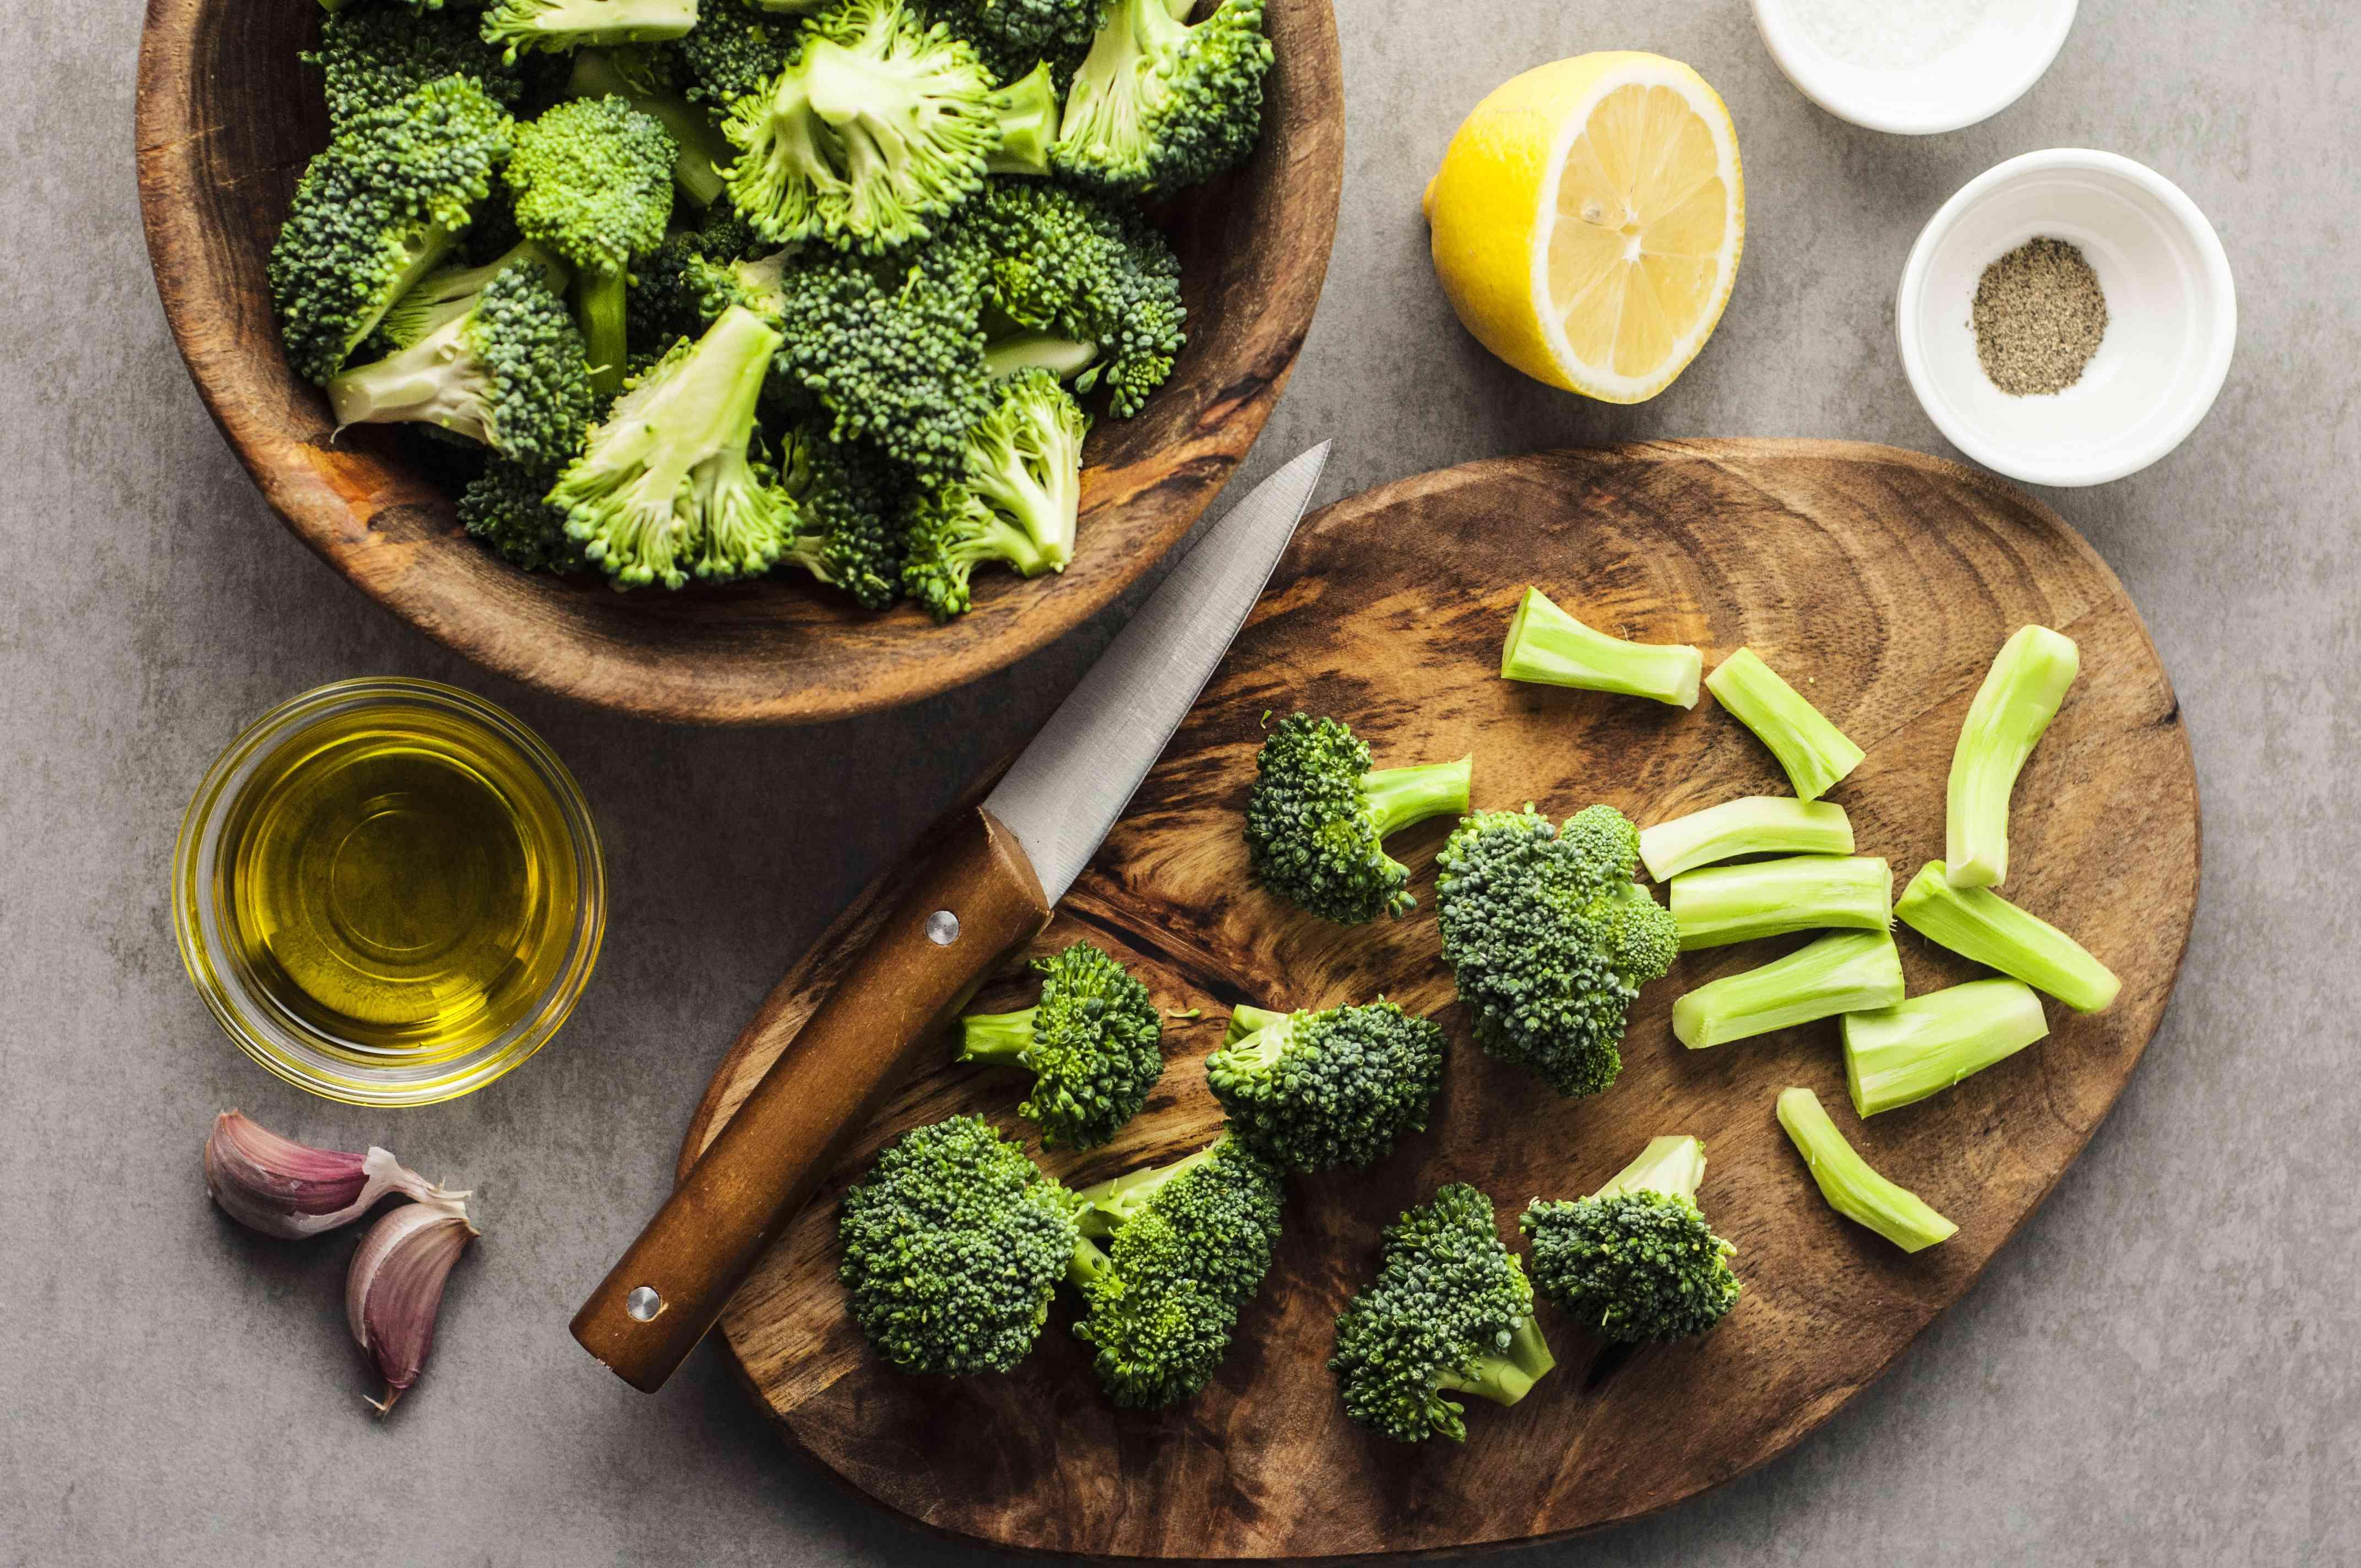 Chopped broccoli on cutting board